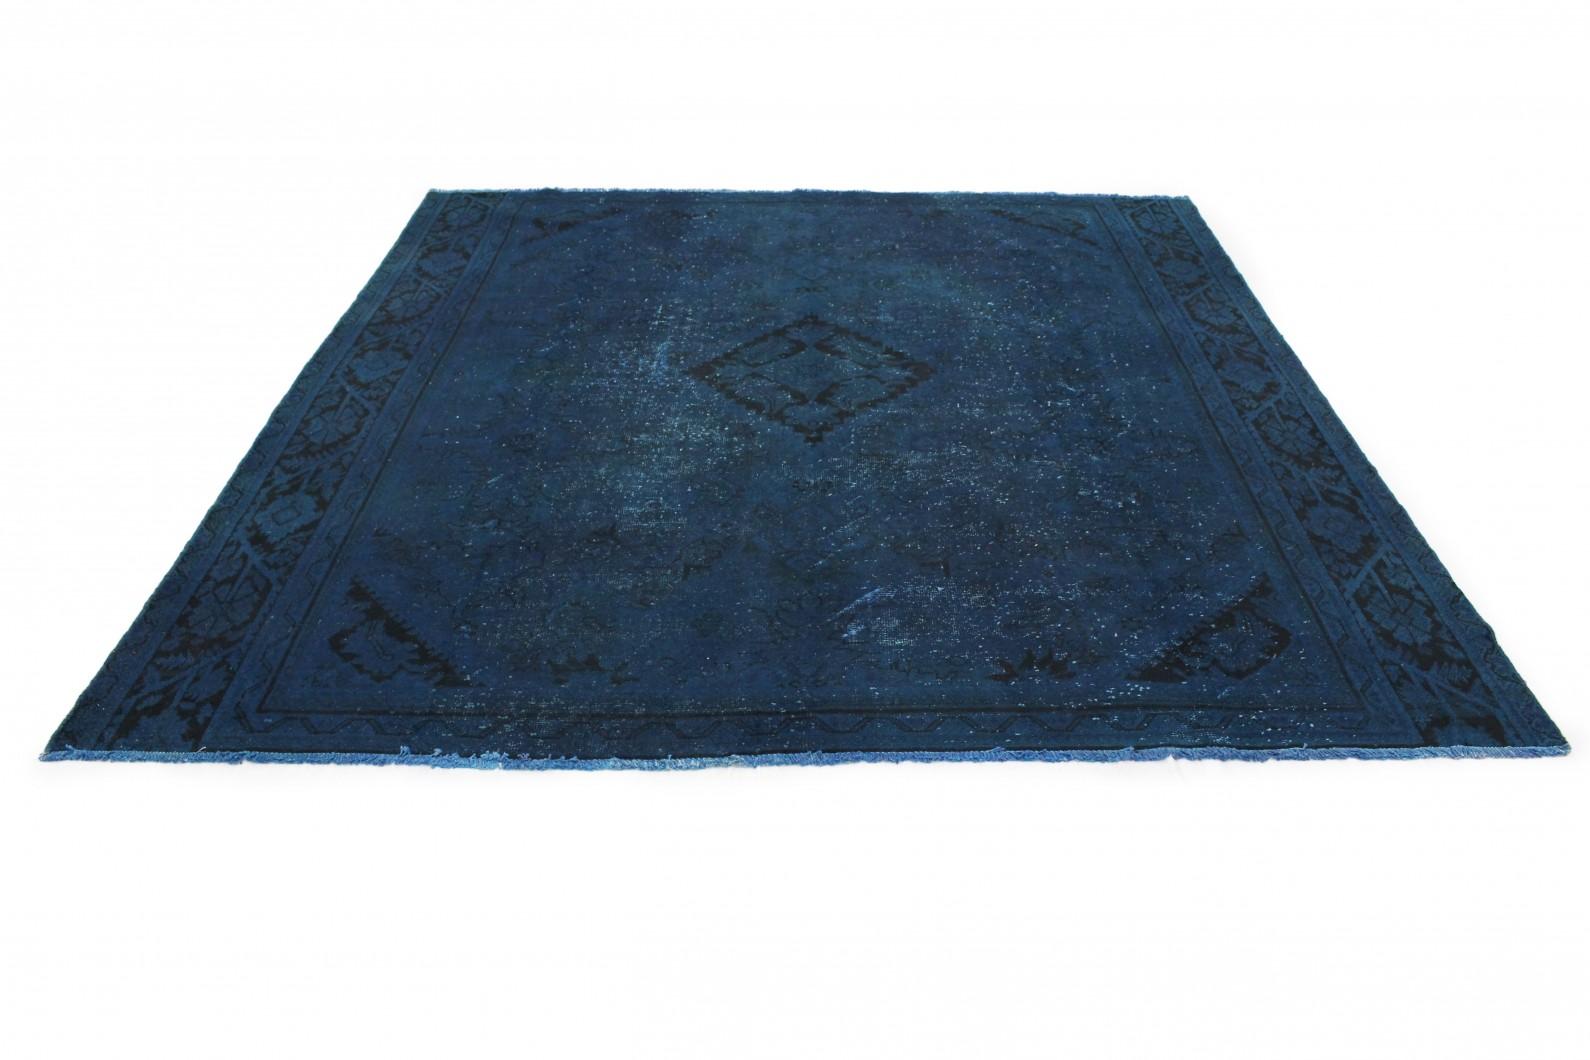 Vintage Teppich Blau In 290x280cm 1001 3189 Bei